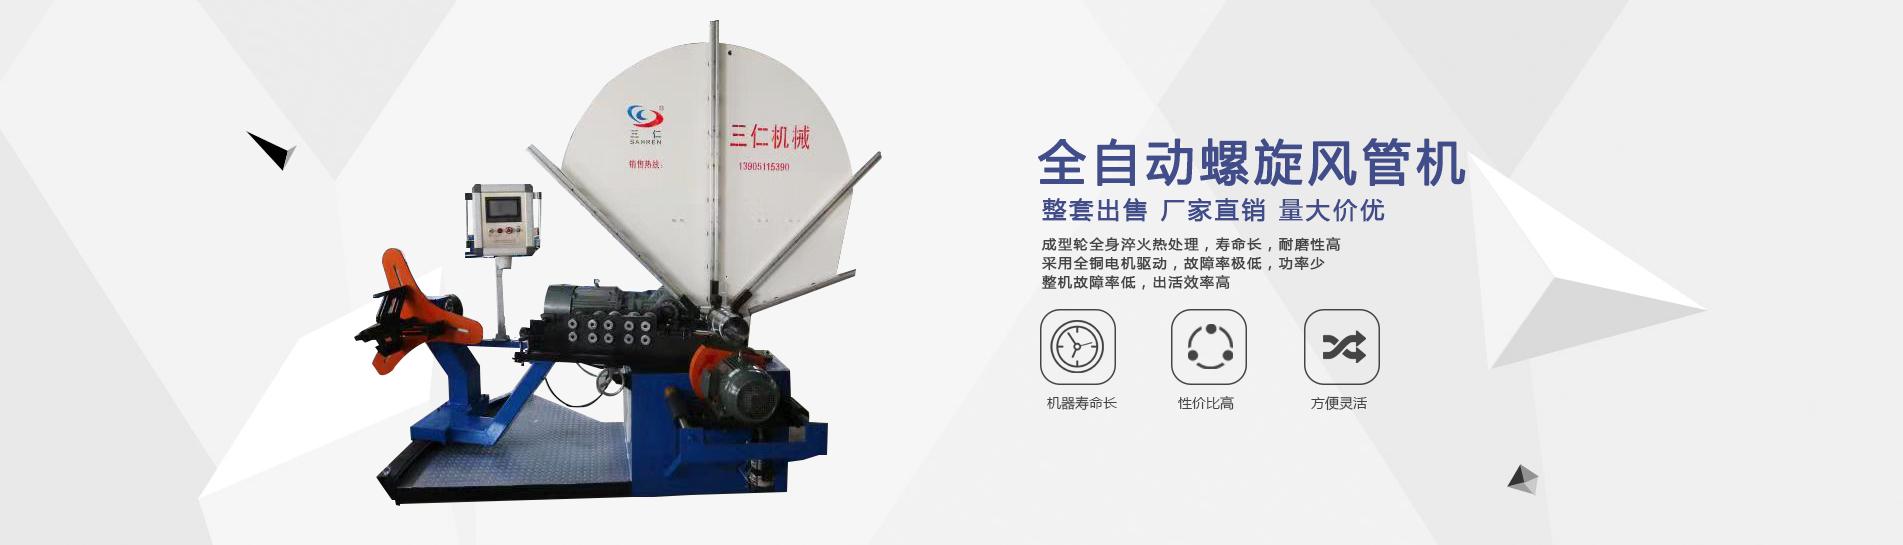 全自动螺旋风管机